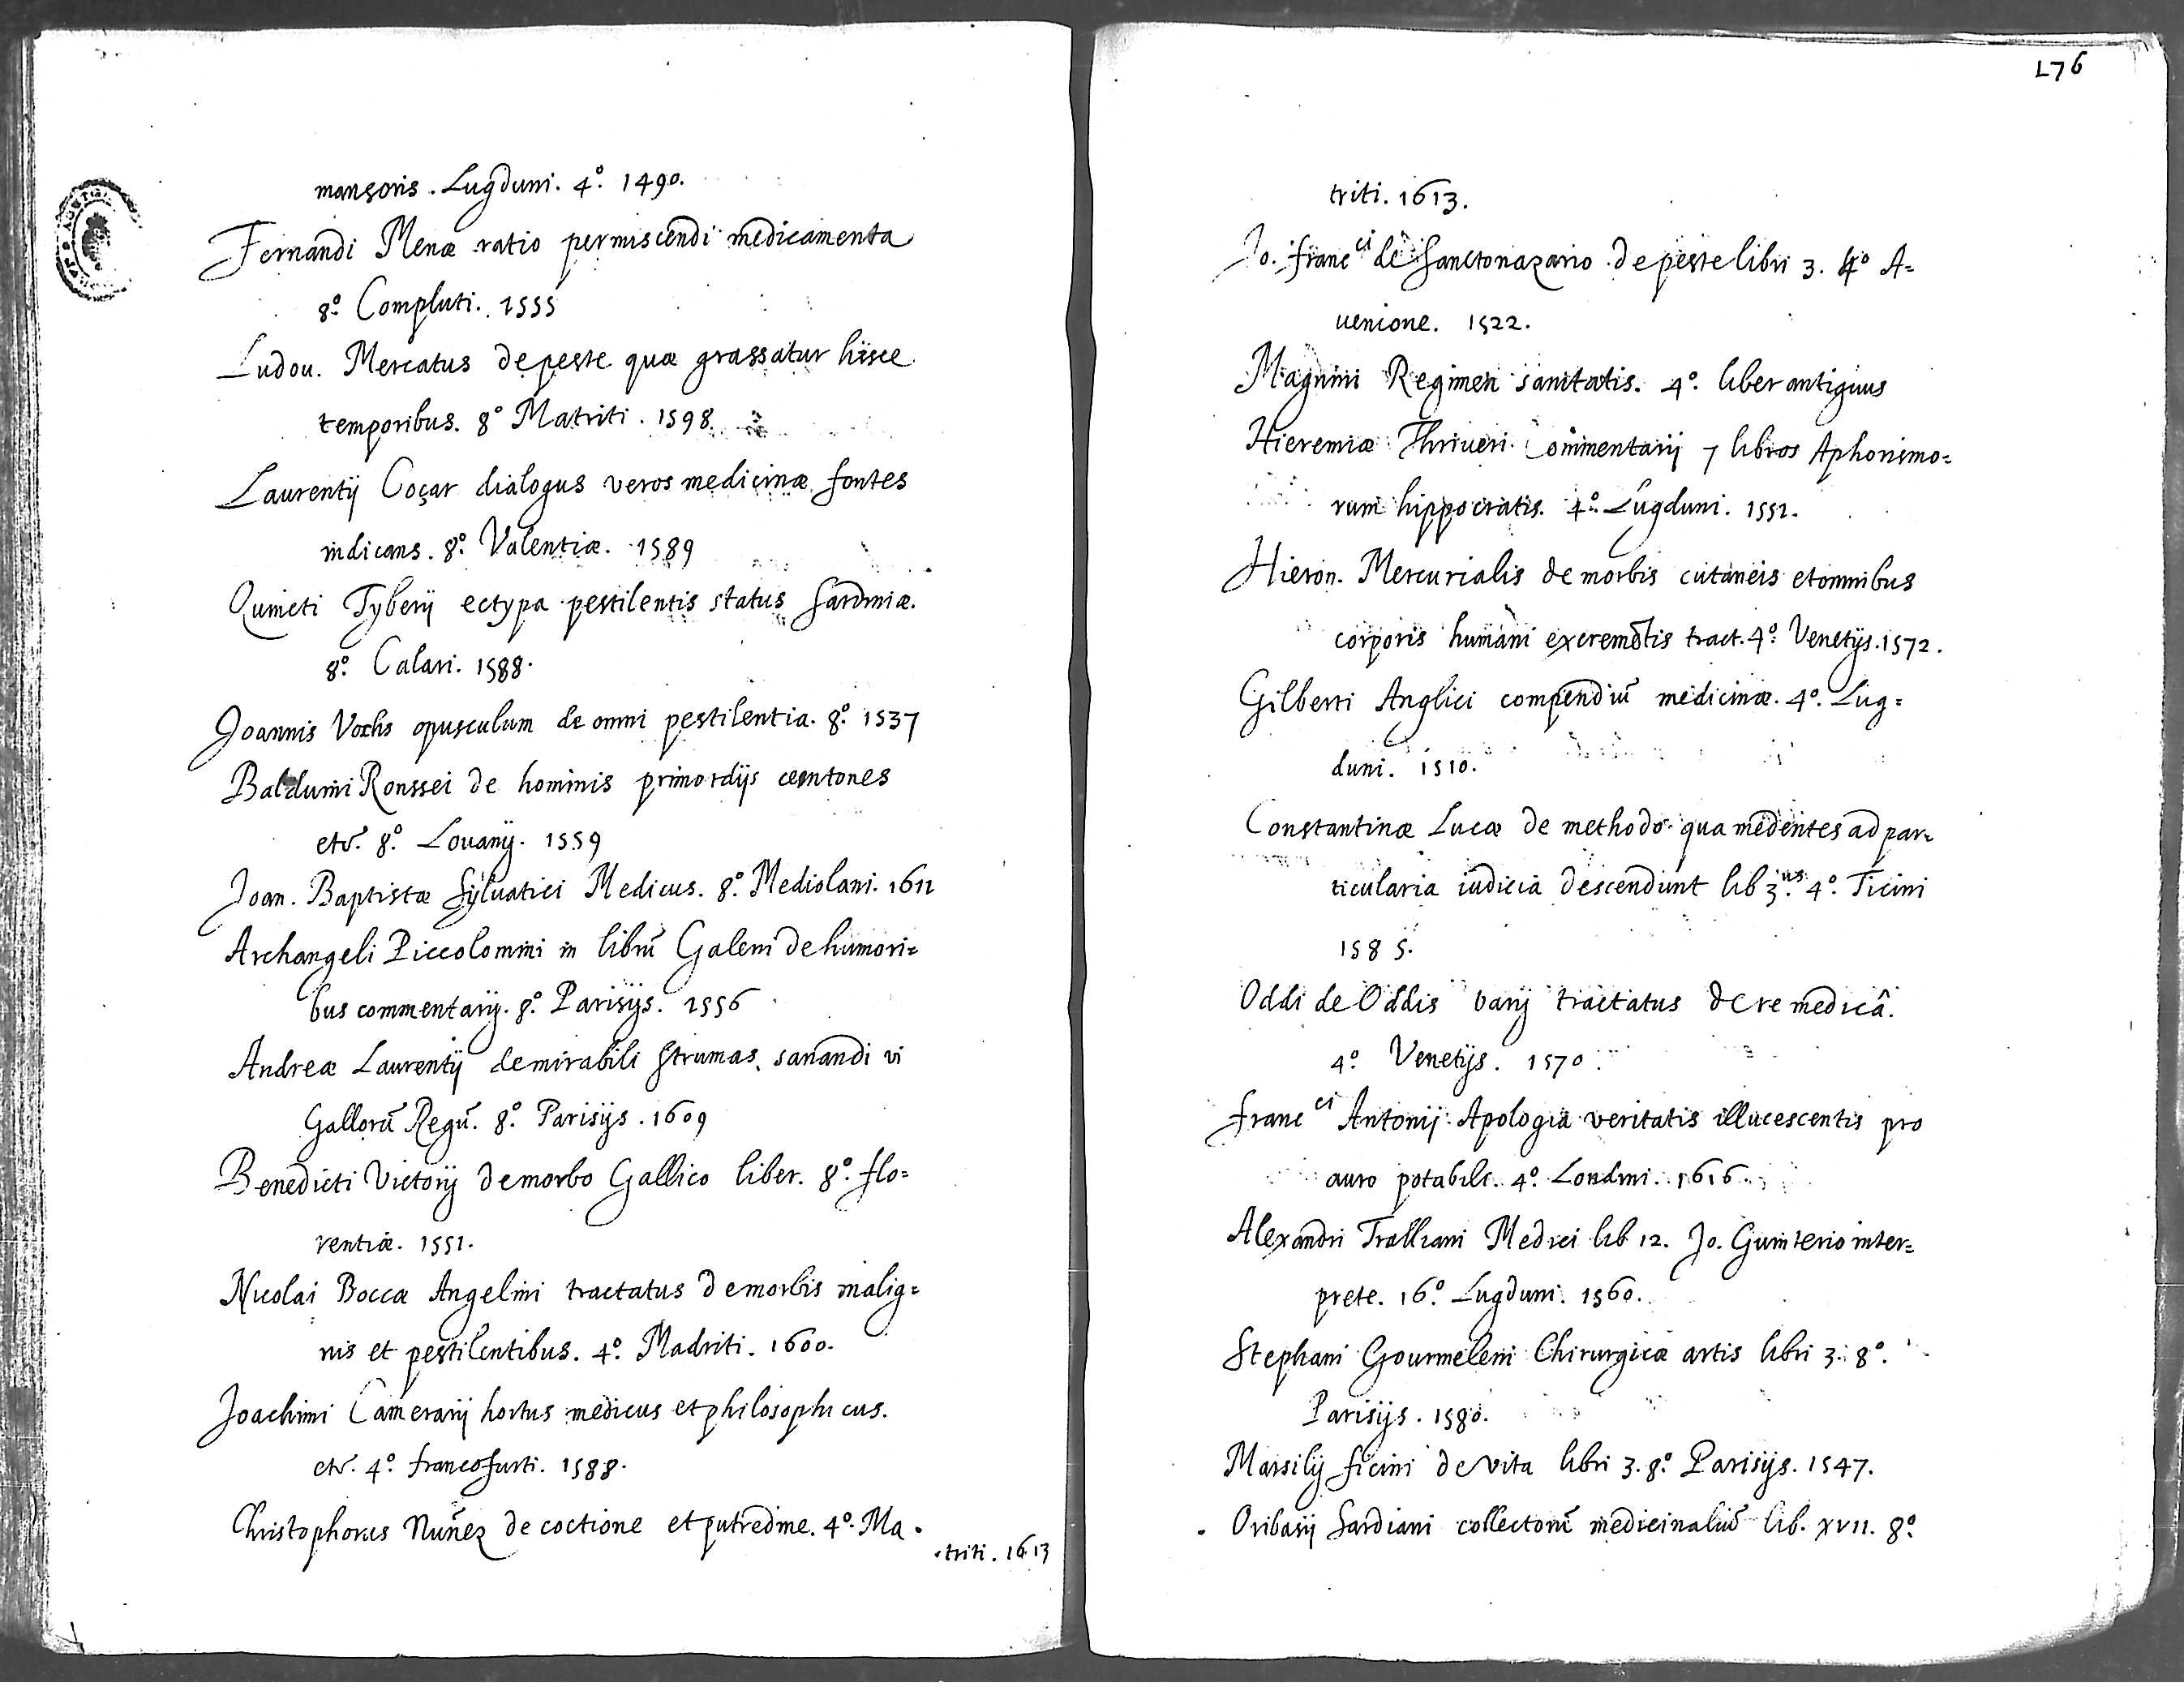 Reproducción digital fol. 175v y 176r